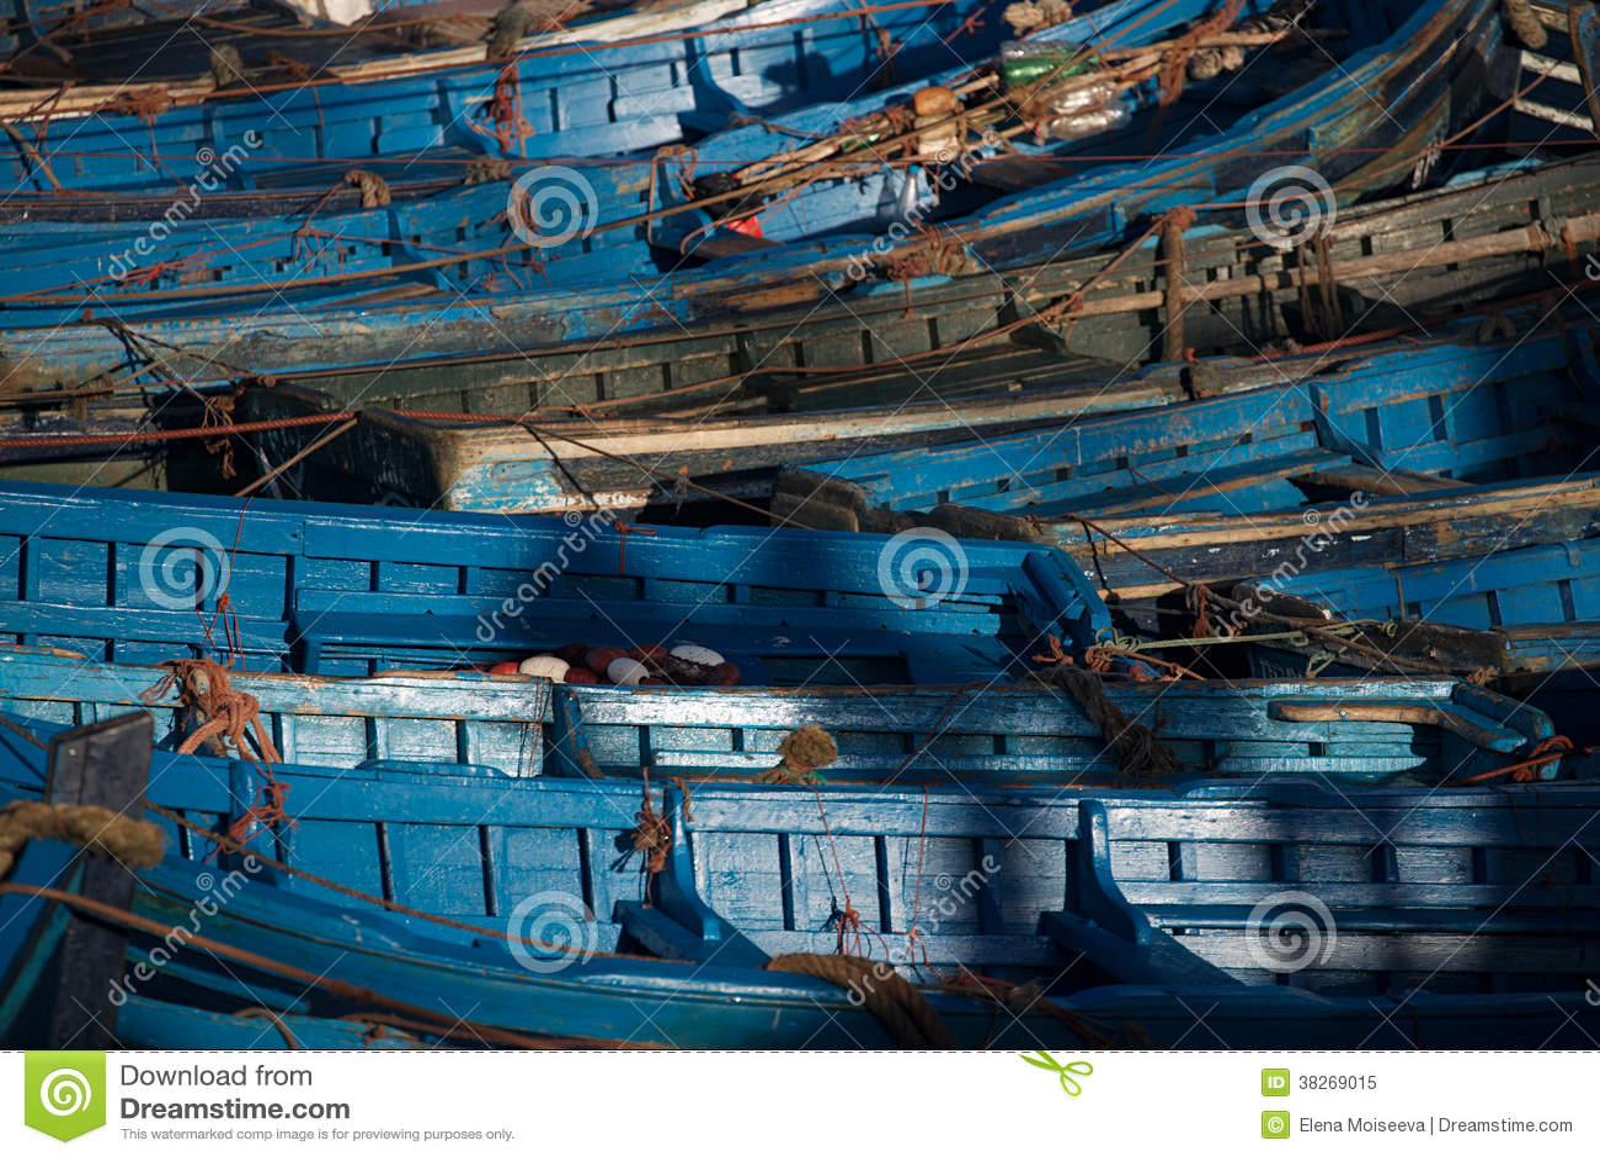 Błękitne łodzie rybackie w Essaouira schronieniu, Maroko